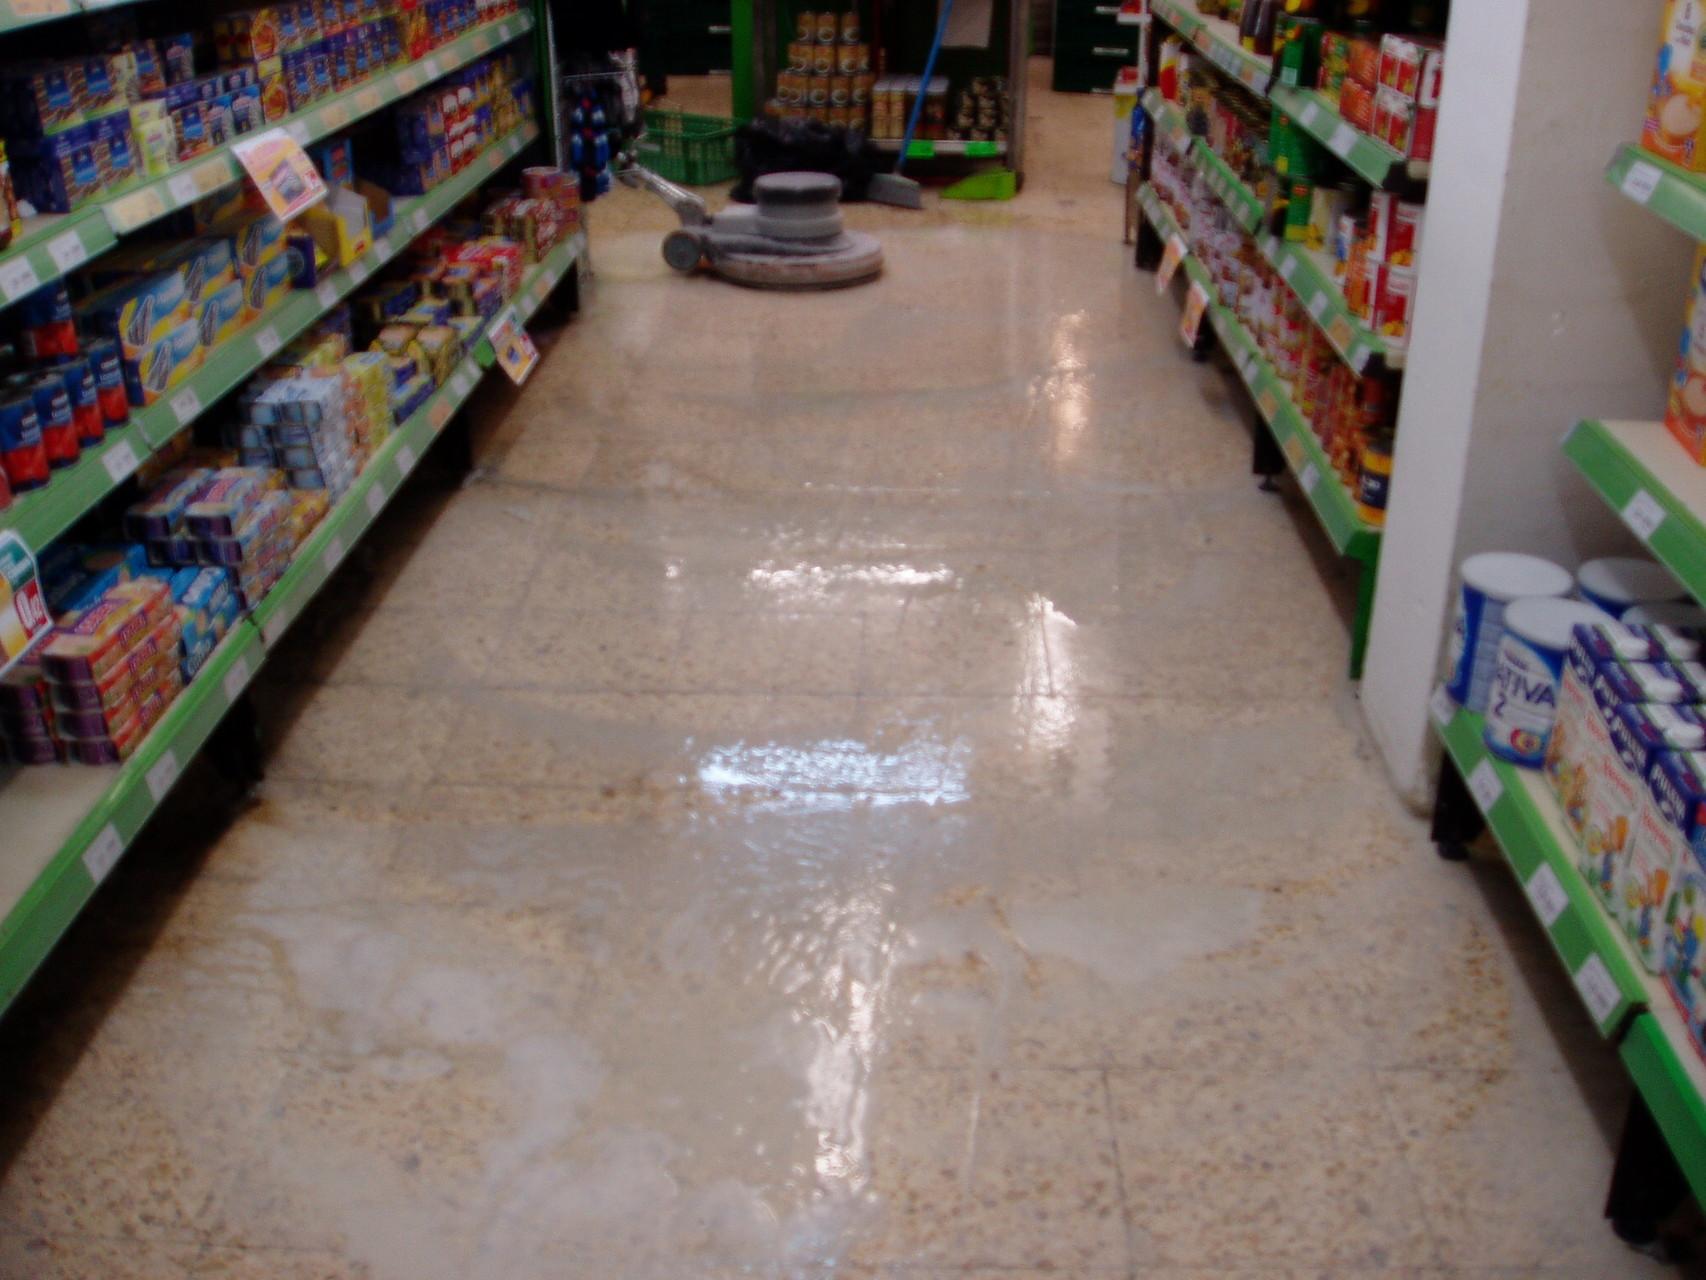 Pulir abrillantar suelo marmol y terrazo pulir y - Pulir y abrillantar suelos de terrazo ...